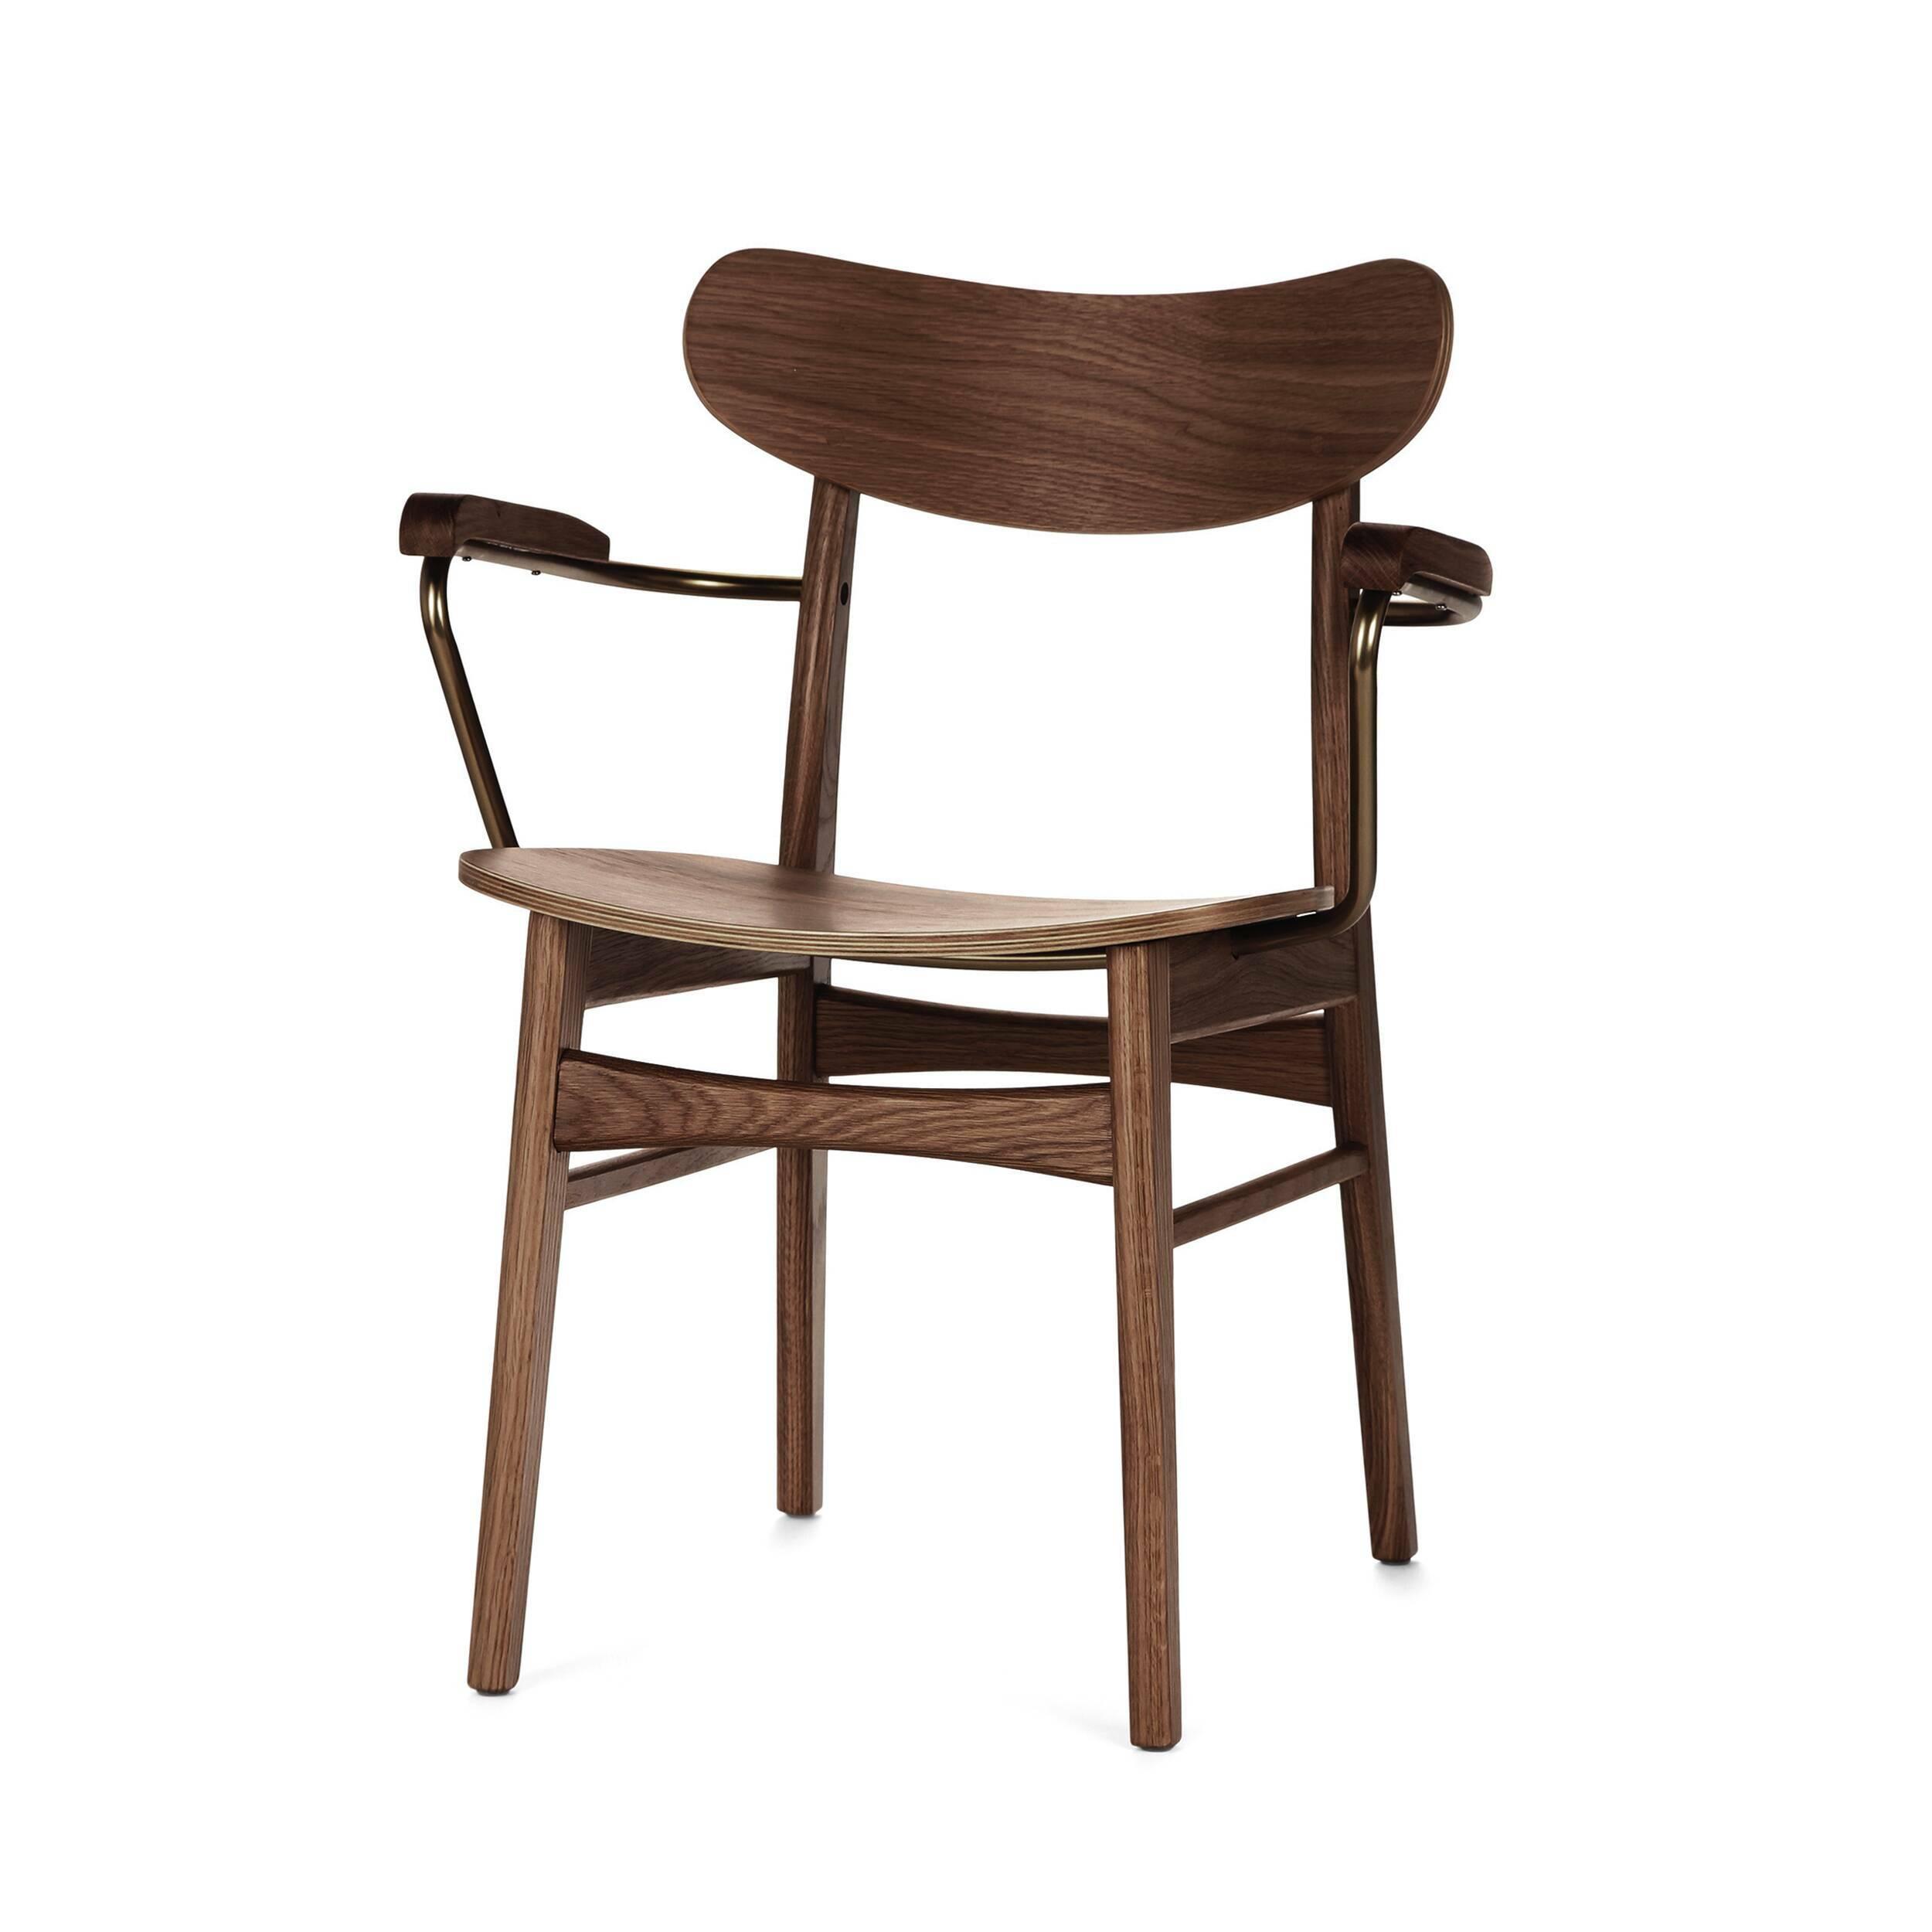 Стул Dutch 1 ArmИнтерьерные<br>Вы когда-нибудь задумывались о том, насколько важной частью интерьера является правильно подобранный стул? Это изделие способно кардинально изменить всю комнатную обстановку и перераспределить стилевые акценты в готовом дизайне. Стул Dutch 1 Arm сделает это наиболее гармонично и легко. Он обладает очень простым, но красивым дизайном, который способен легко влиться в окружающую обстановку и стать функциональной частью всего помещения.<br><br> Отдельно стоит отметить первоклассные материалы, соста...<br><br>stock: 0<br>Высота: 79,5<br>Высота сиденья: 42,5<br>Ширина: 59,5<br>Глубина: 53,5<br>Цвет подлокотников: Медь<br>Материал каркаса: Массив ореха<br>Материал подлокотников: Сталь<br>Тип материала каркаса: Дерево<br>Материал сидения: Фанера, шпон ореха<br>Цвет сидения: Орех<br>Тип материала сидения: Дерево<br>Цвет каркаса: Орех